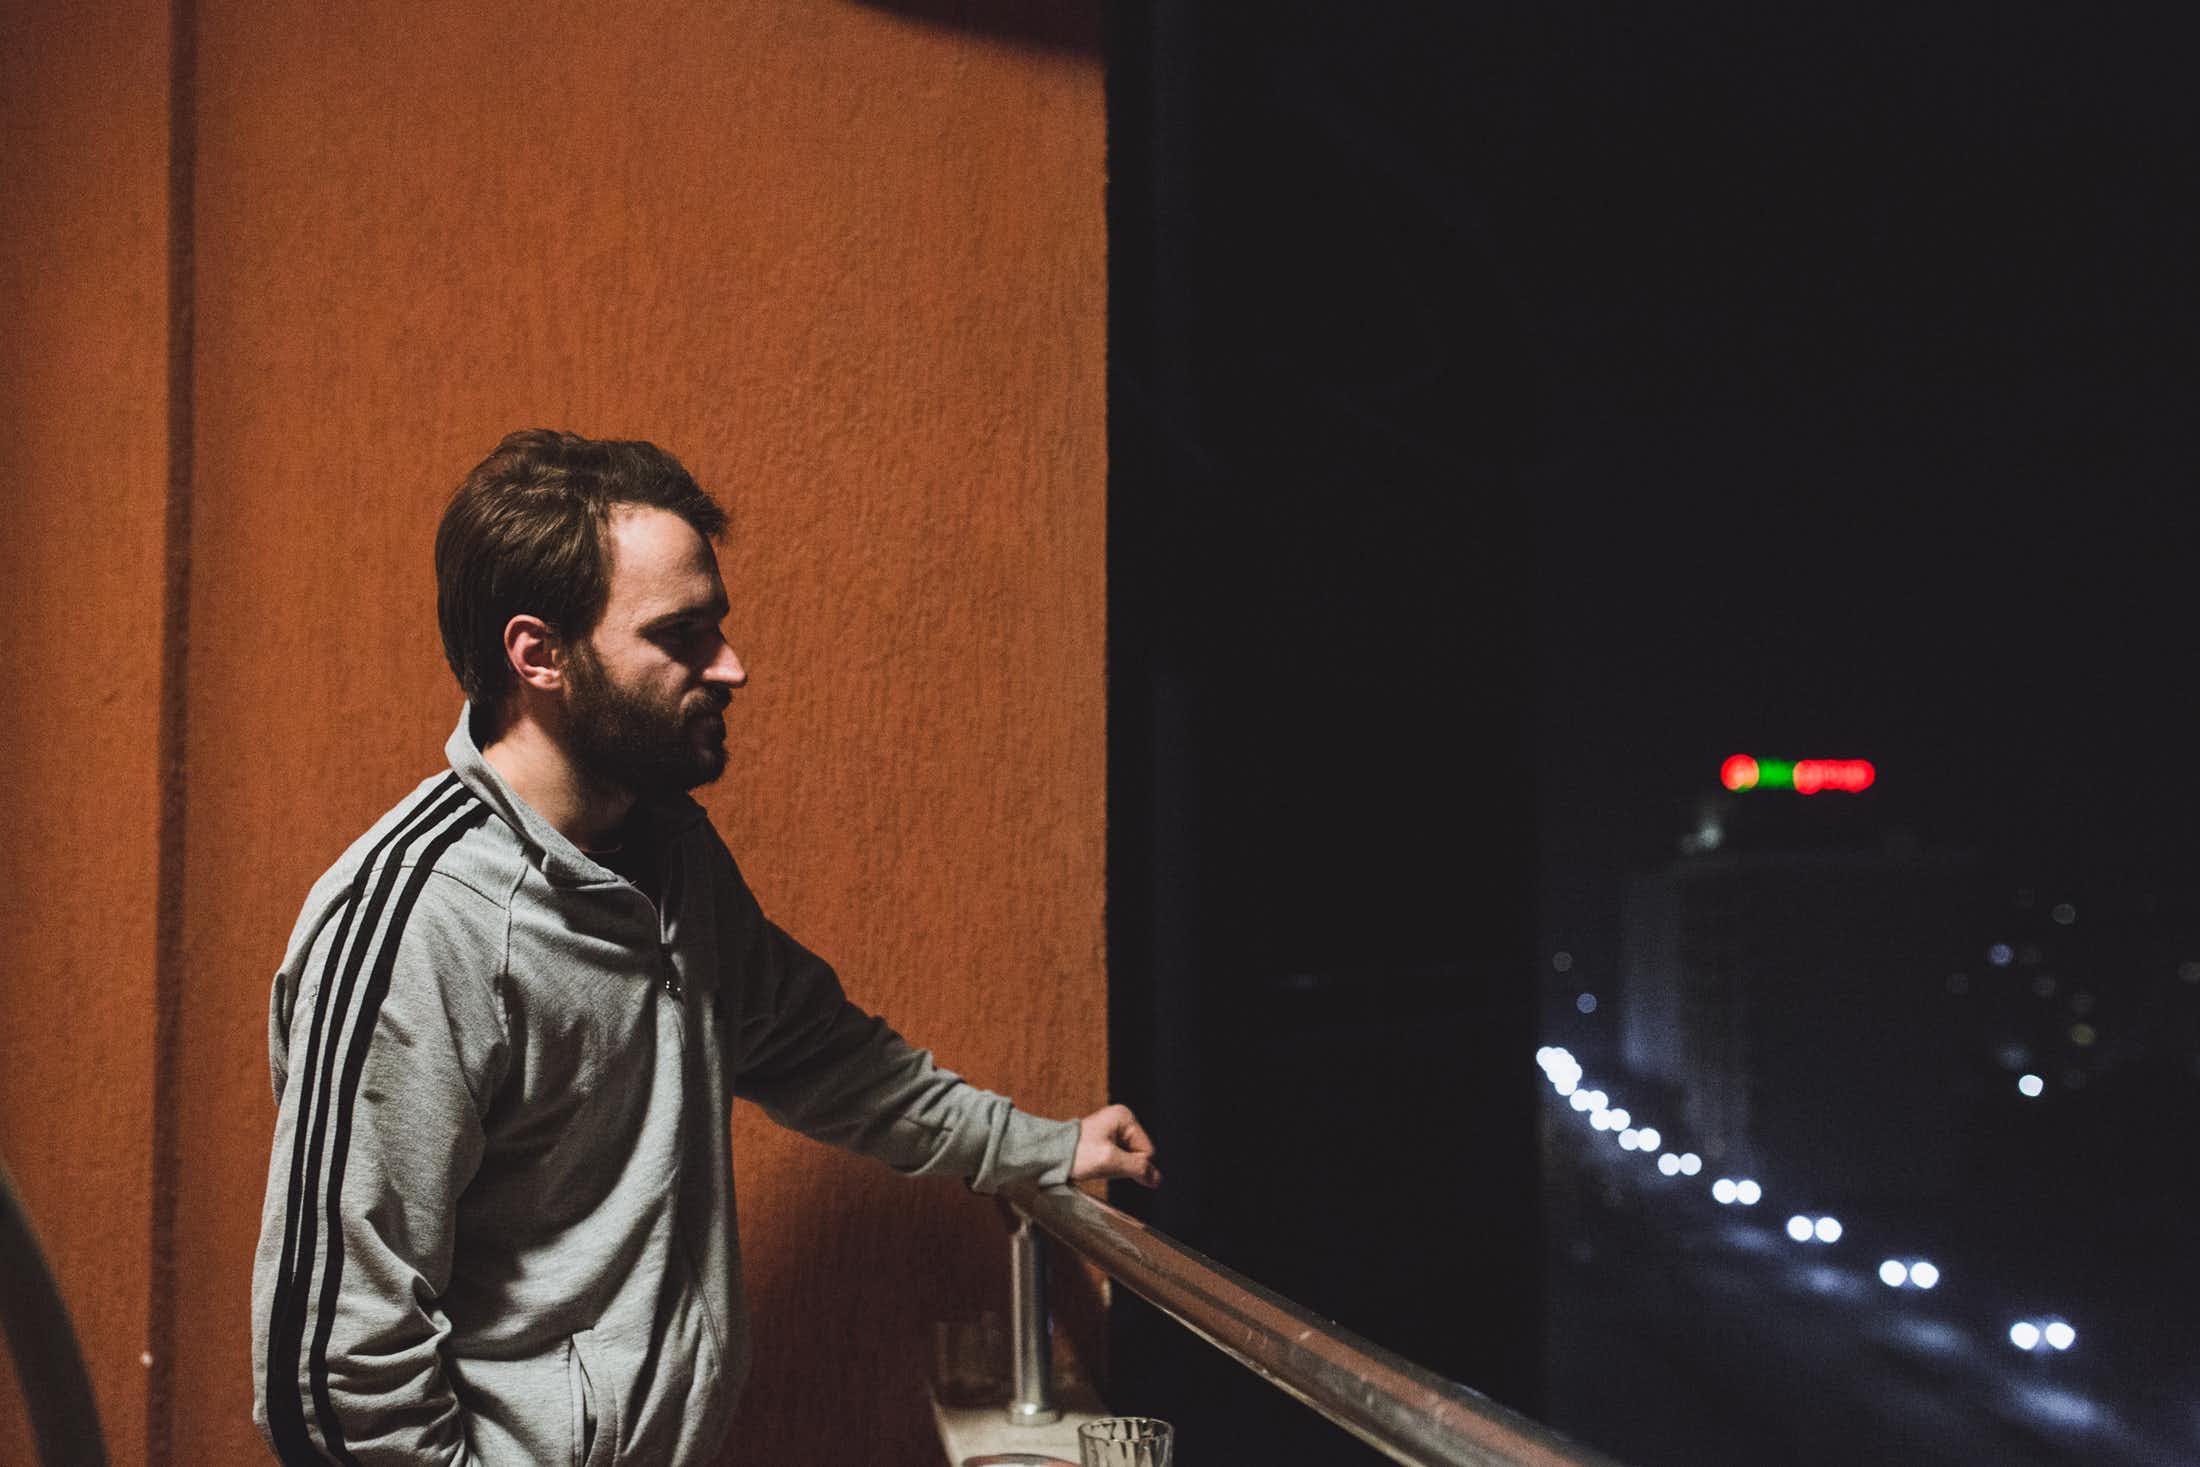 Frashër purge une peine d'emprisonnement à résidence depuis août 2016 pour terrorisme. (photo Martin Valentin Fuchs)